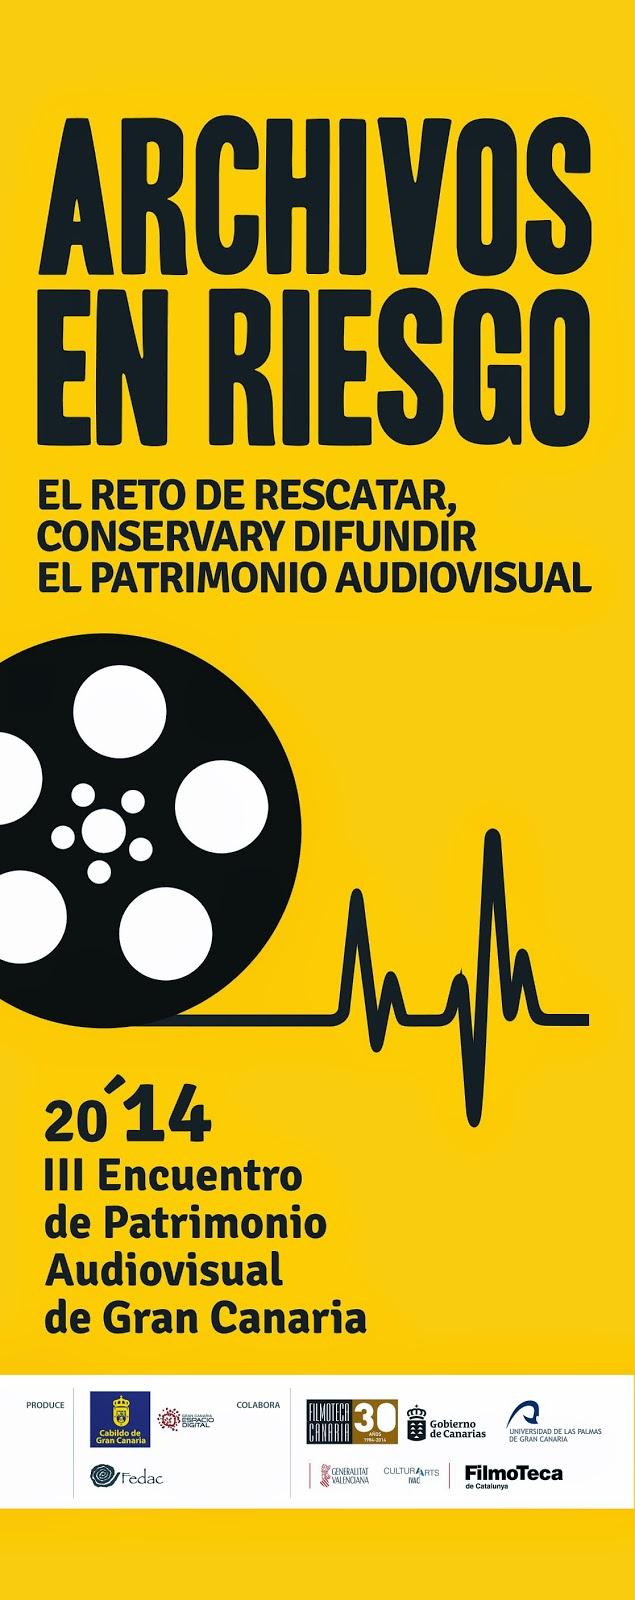 III Encuentro de Patrimonio Audiovisual de Gran Canaria